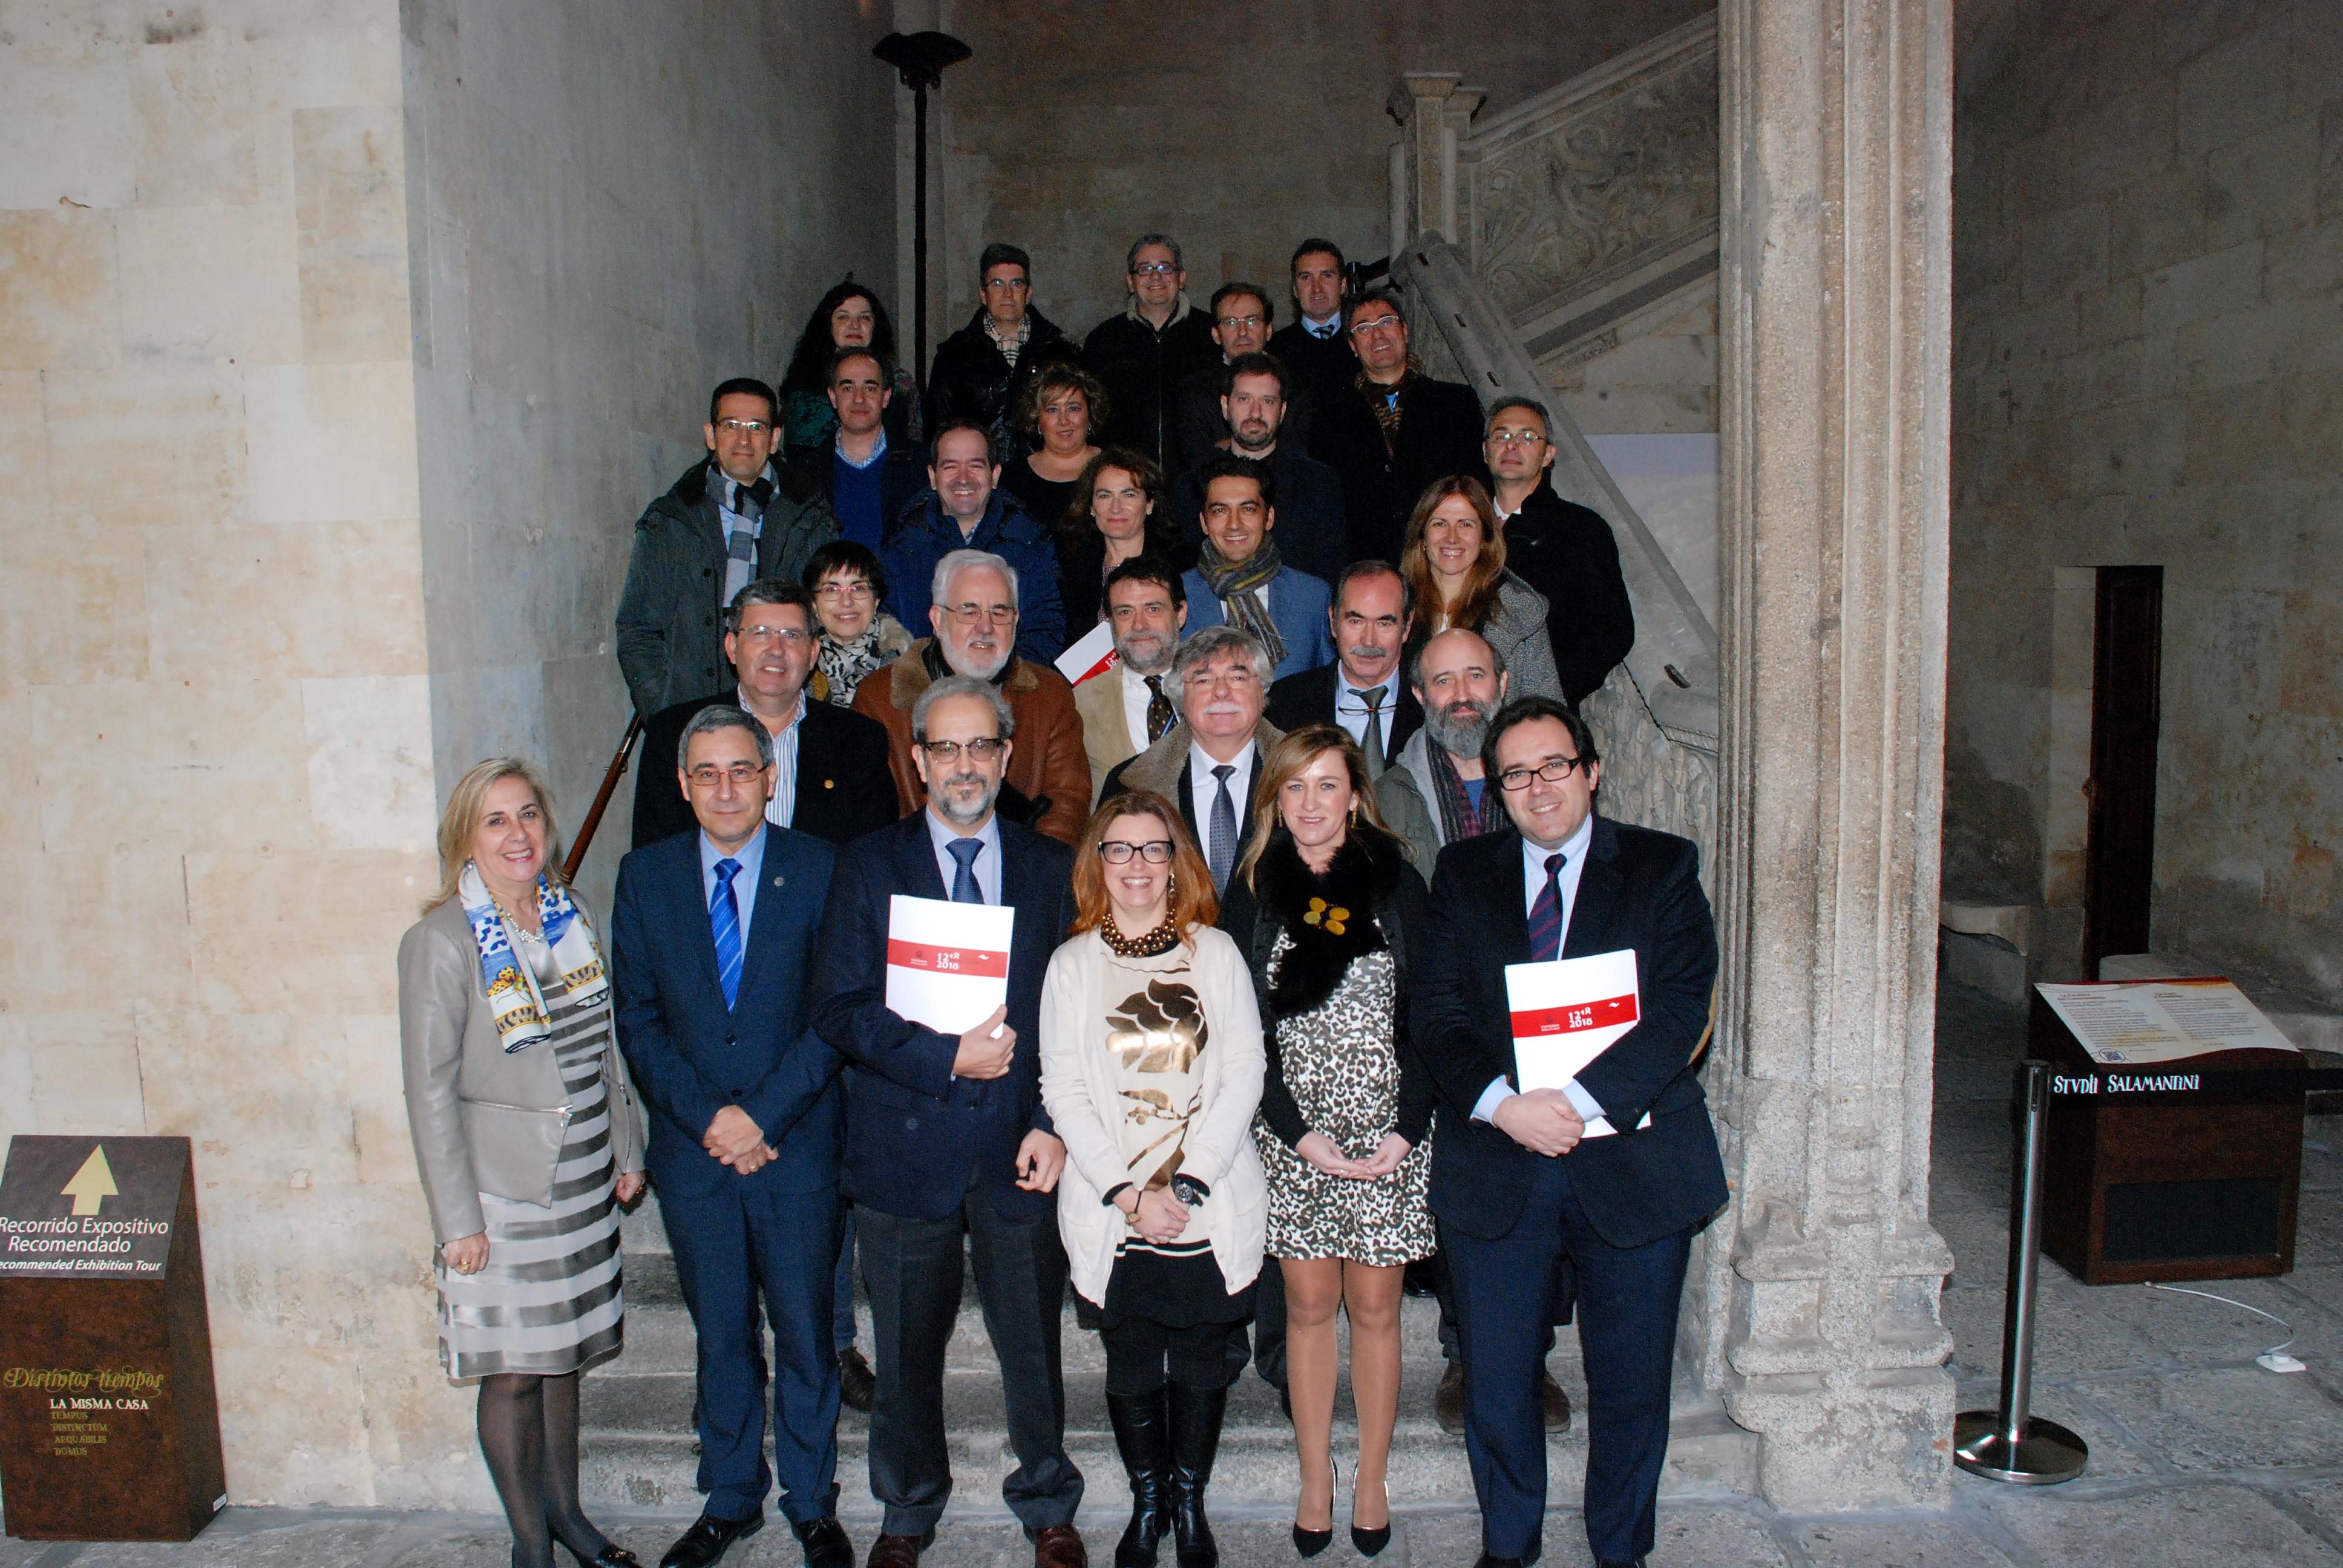 La Comisión Asesora del VIII Centenario de la Universidad de Salamanca analiza la aplicación de los incentivos fiscales a empresas y estudia el programa 'Horizonte 2018+'